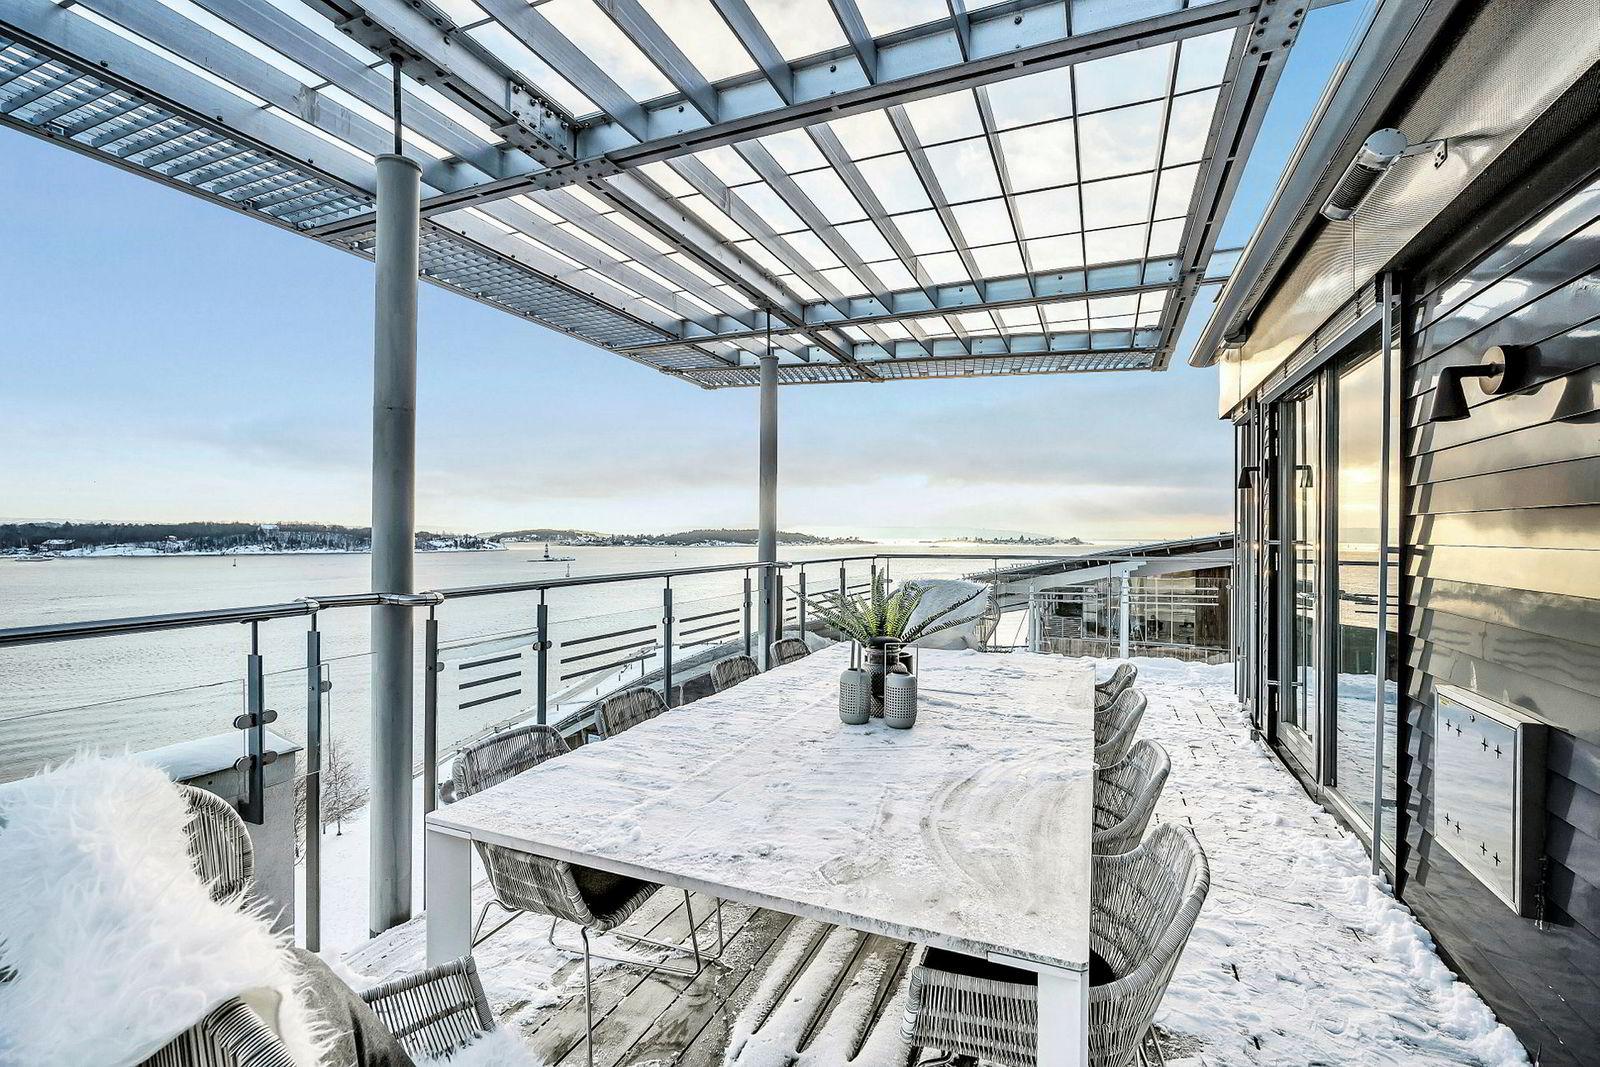 Krafttrader Einar Aas solgte leiligheten på Strandpromenaden 5 på Tjuvholmen i Oslo.